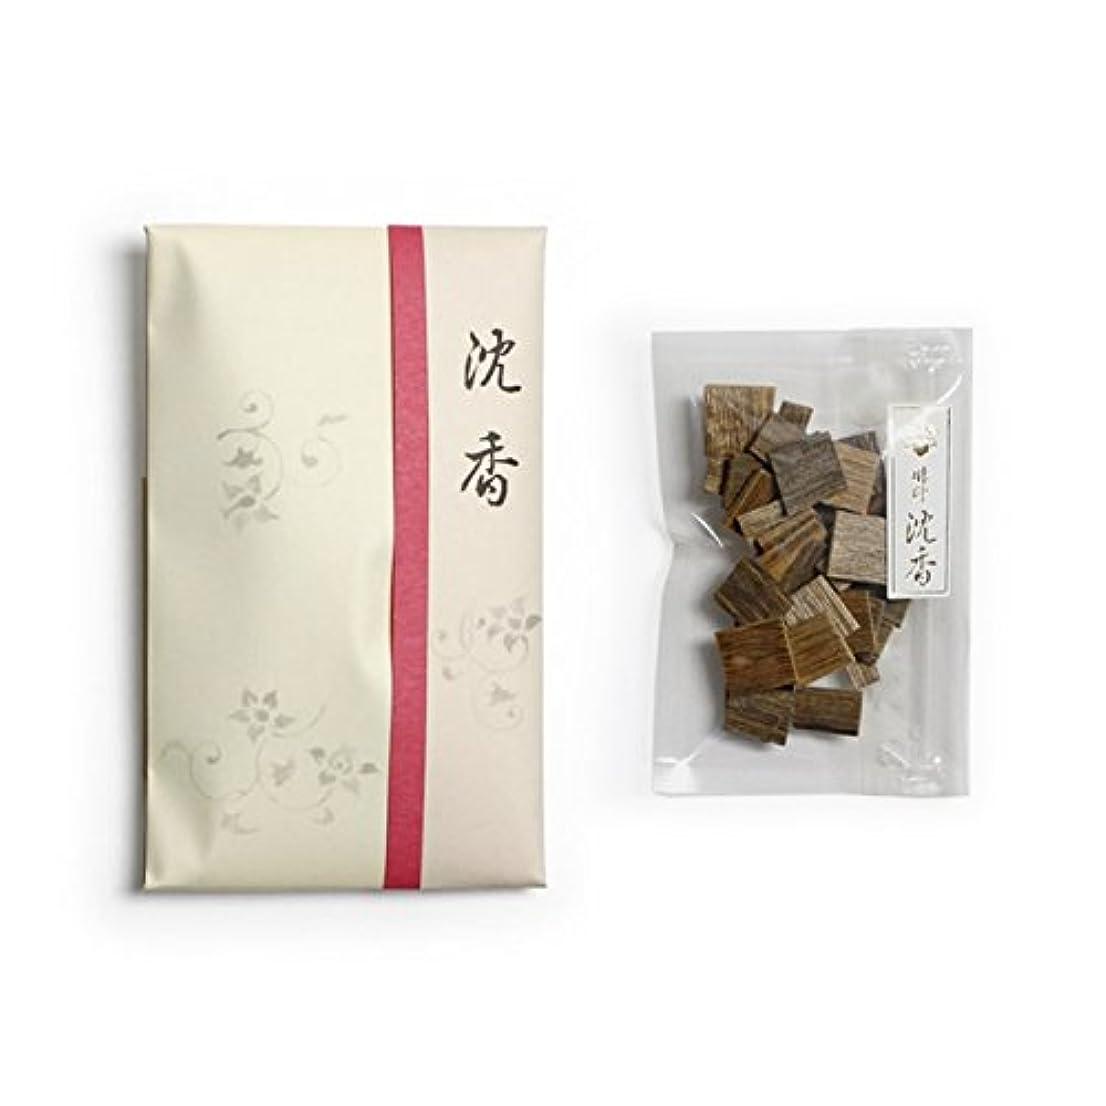 迫害最小化する一般的に言えば香木 竹印 沈香 割(わり) 5g詰 松栄堂